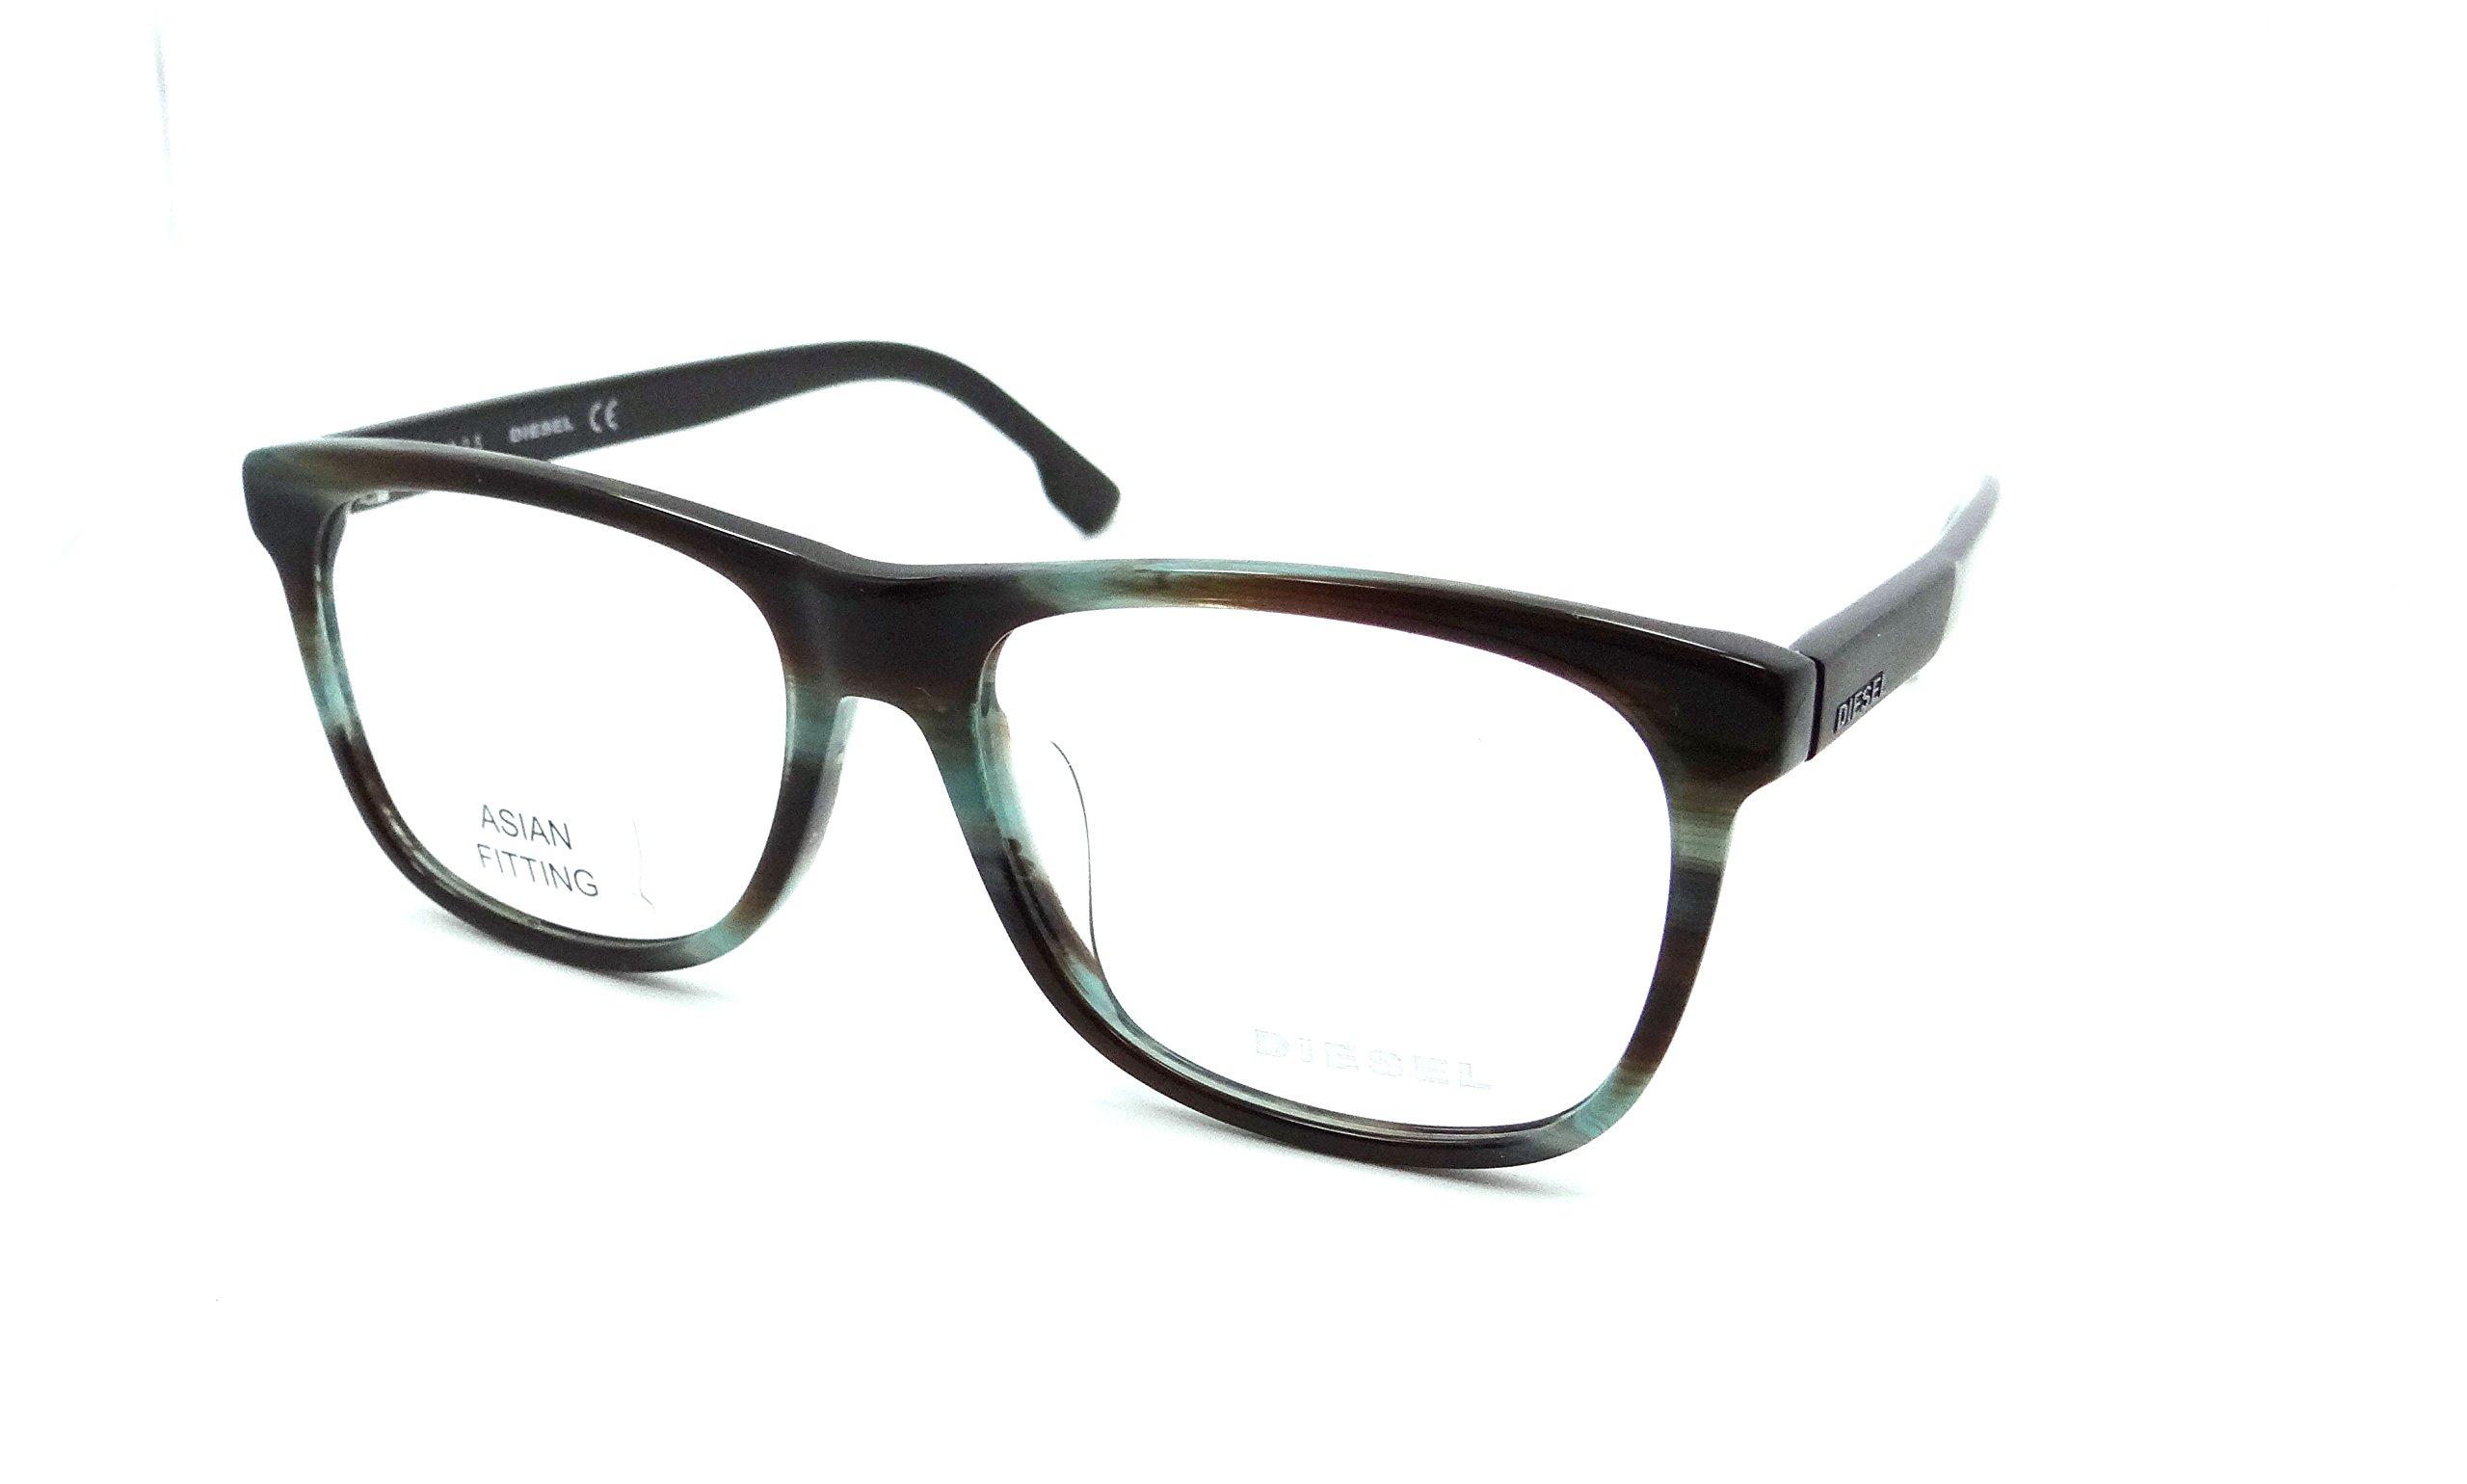 Diesel Rx Eyeglasses Frames DL5213-F 095 54-16-145 Brown Azure Striped Asian Fit